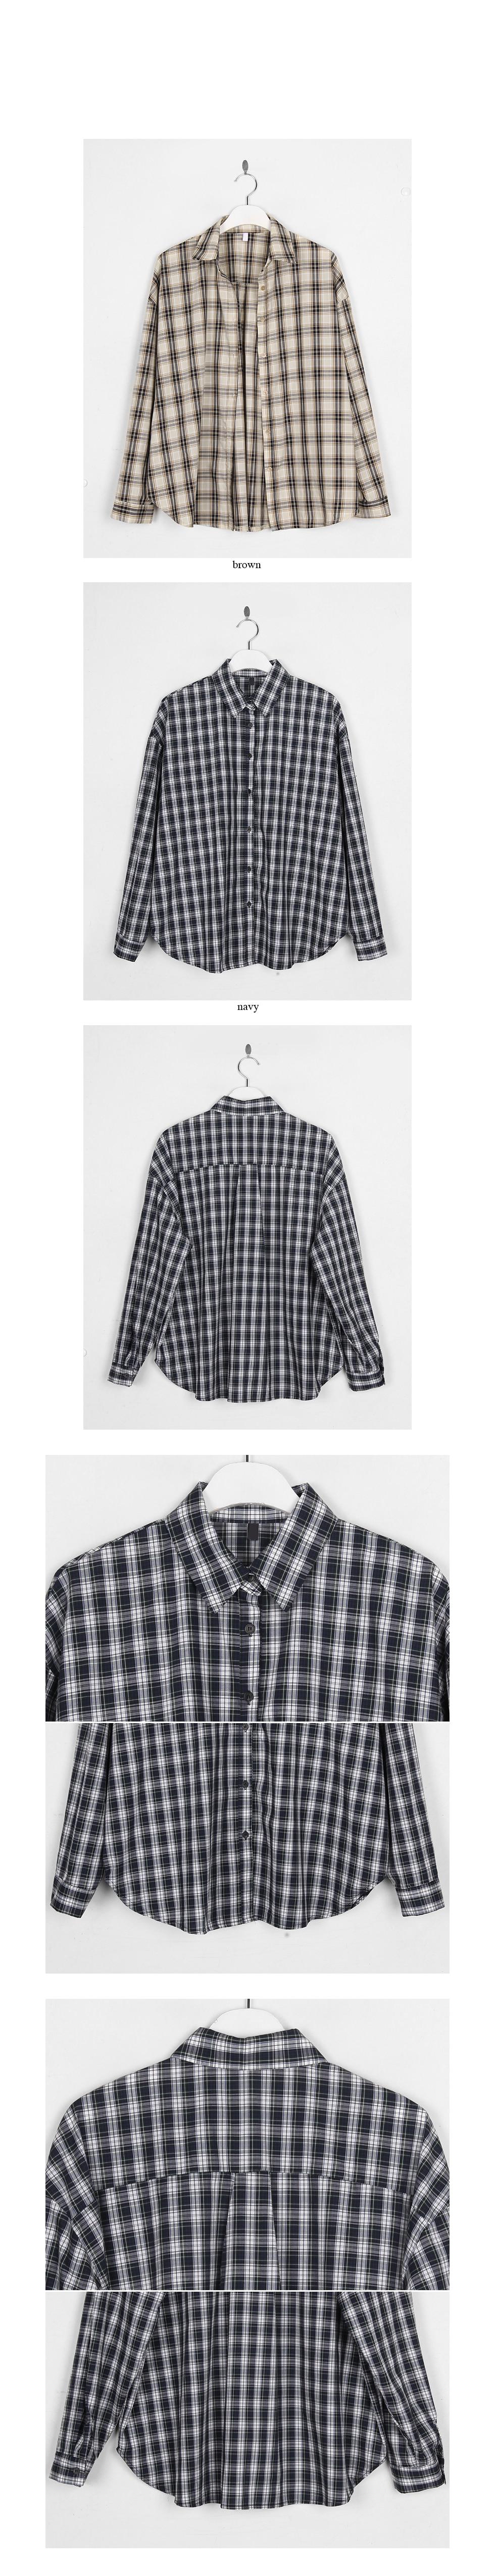 lazy check shirt